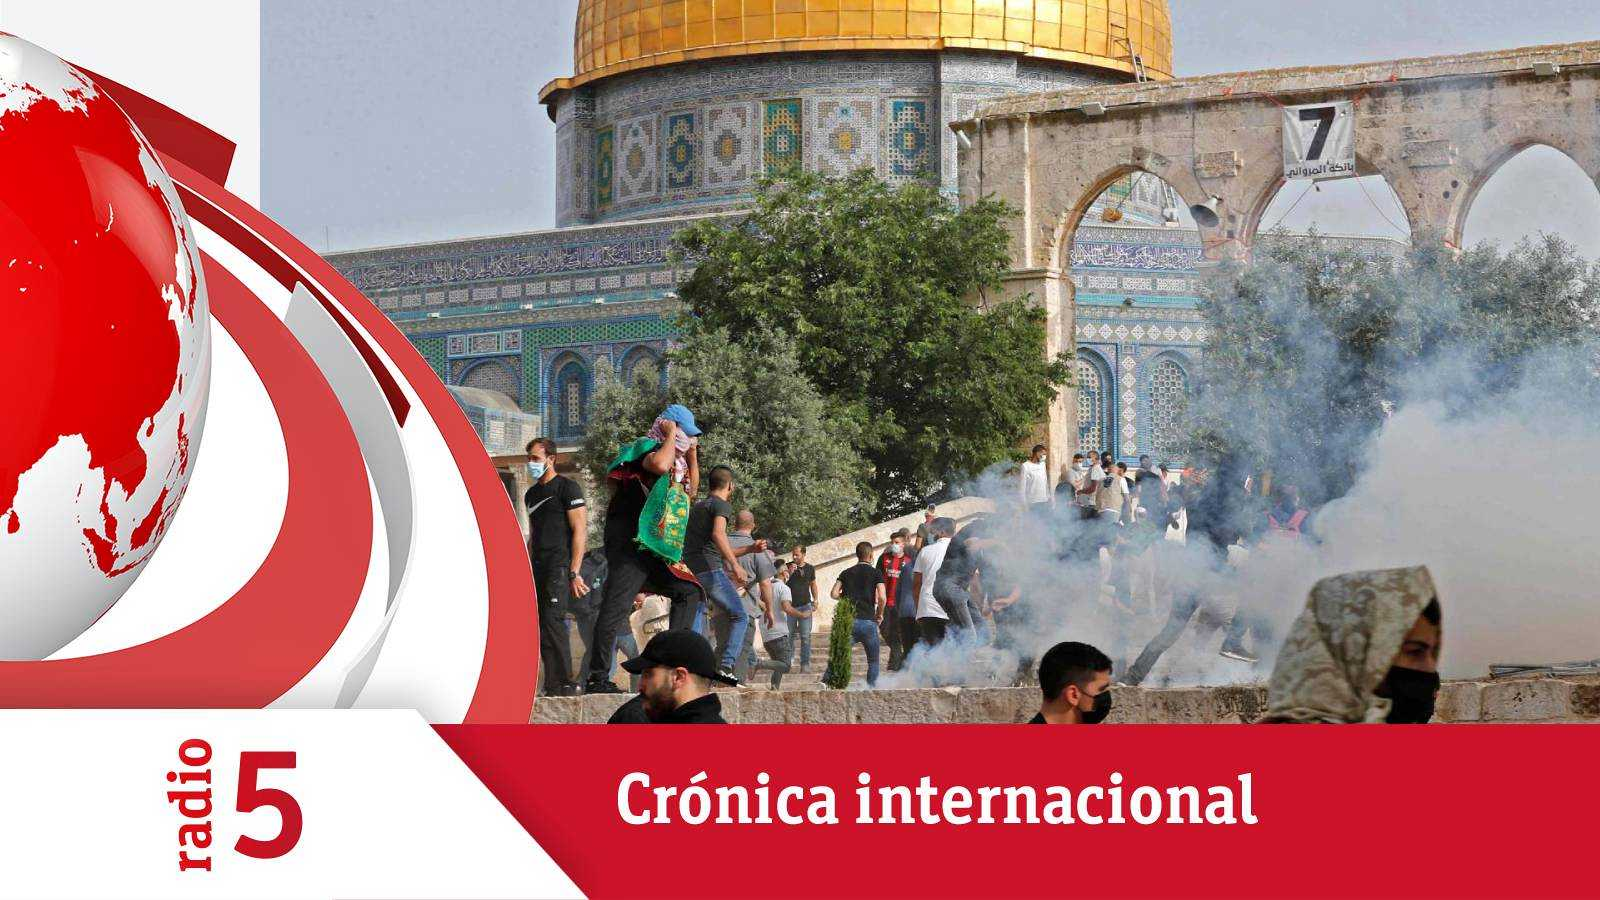 Crónica internacional - Siguen las protestas en Jerusalén - Escuchar ahora